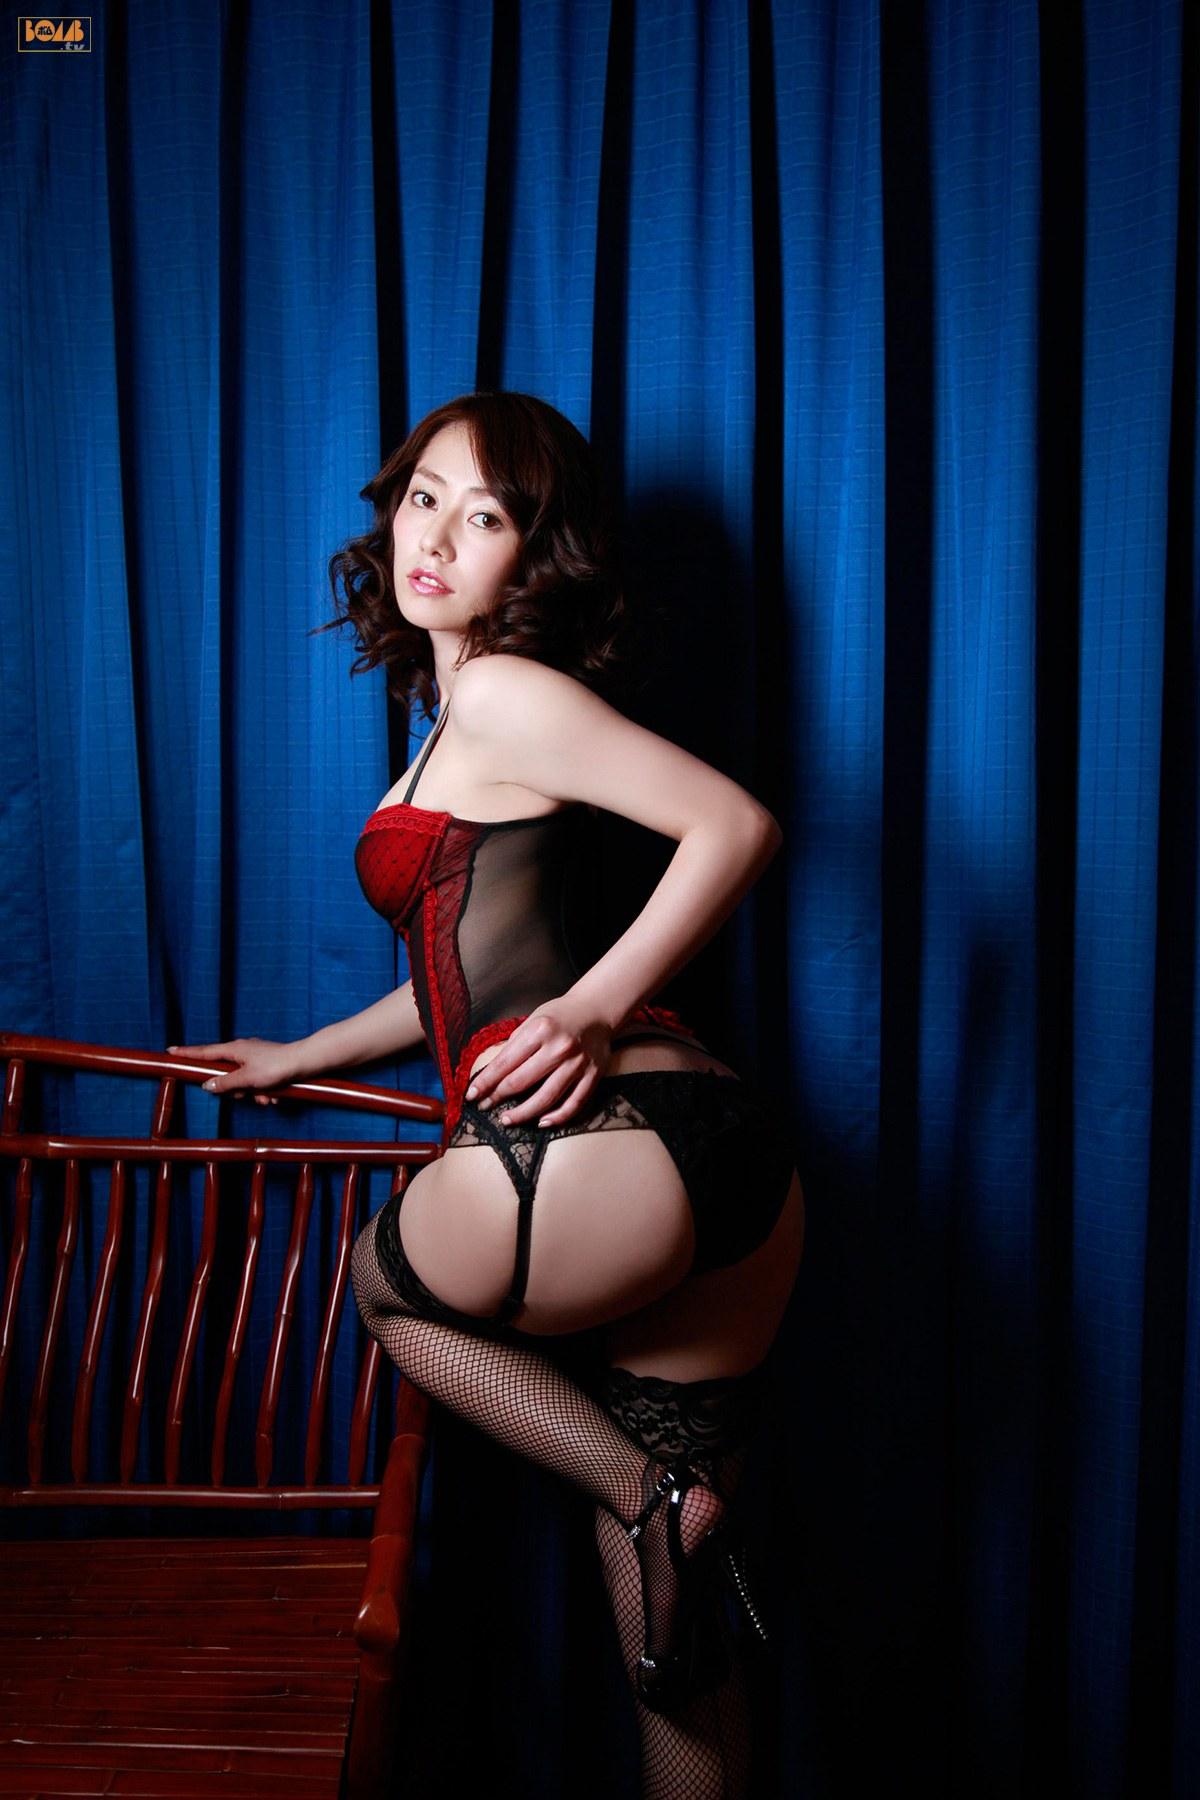 谷桃子 セクシー ランジェリー カメラ目線 ガーターベルト 網タイツ お尻 パンティー バック 高画質 エロかわいい画像